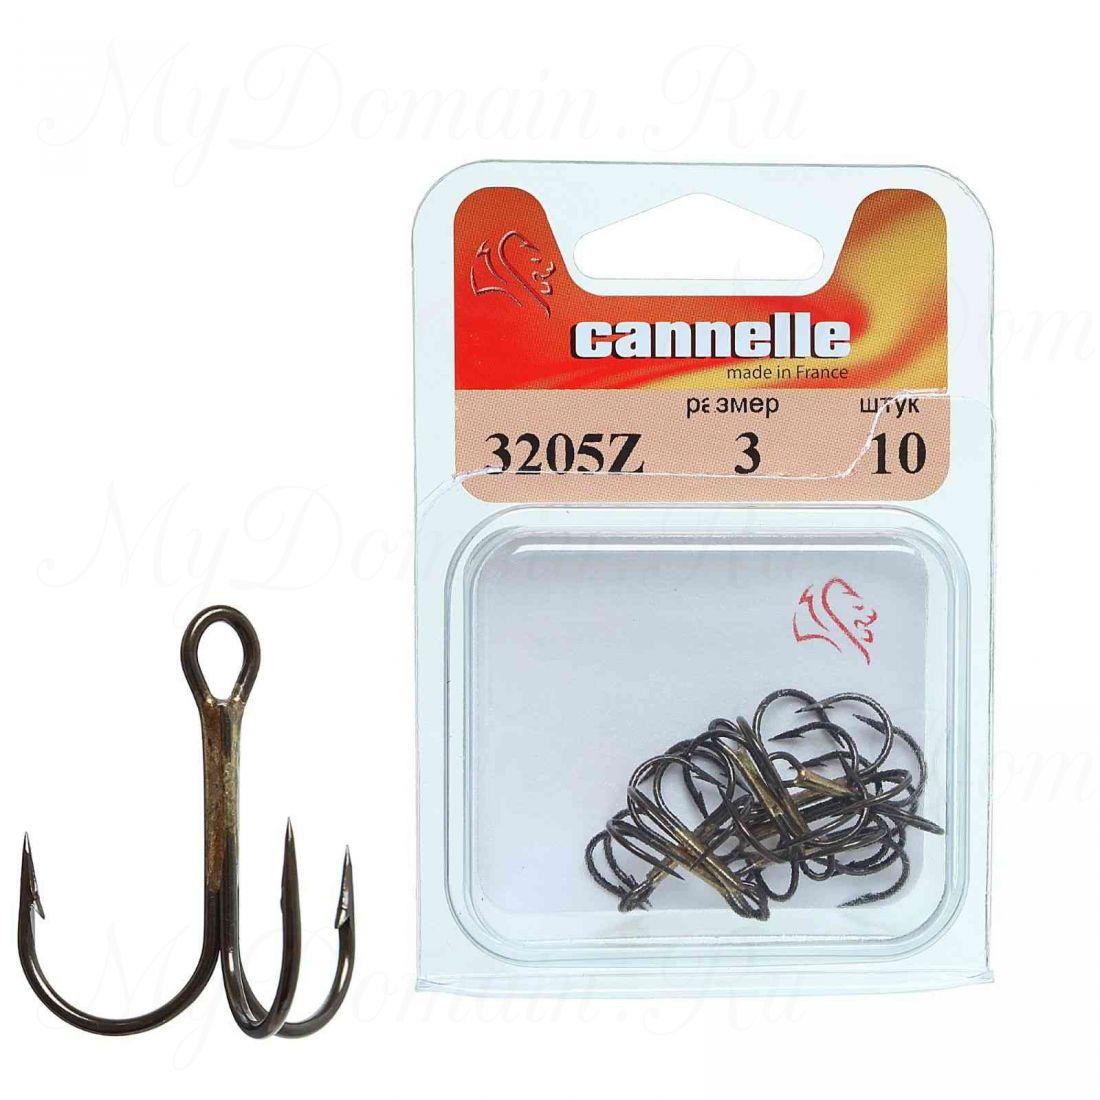 Тройник Cannelle 3205 N № 1/0 уп. 100 шт. (никель,круглый поддев,стандартный тройник,средняя проволока)